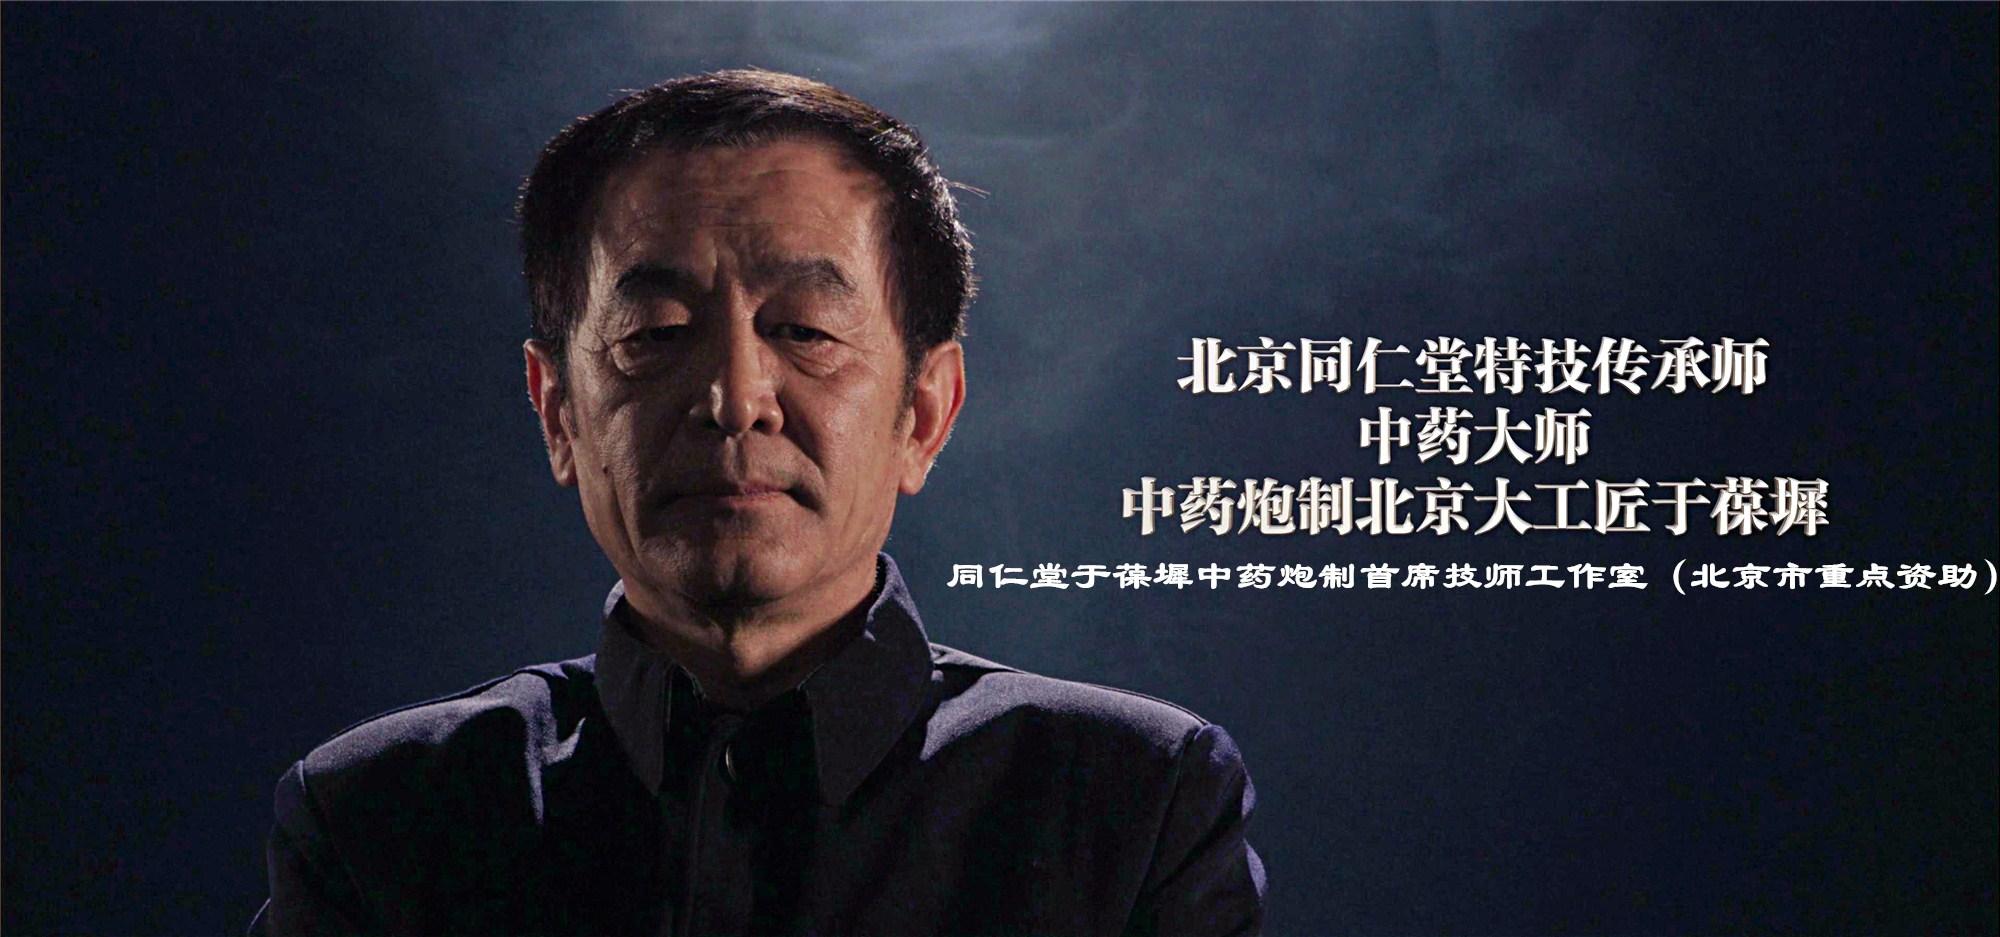 《同仁堂于葆墀中药炮制首席技师工作室(北京市重点资助)》宣传